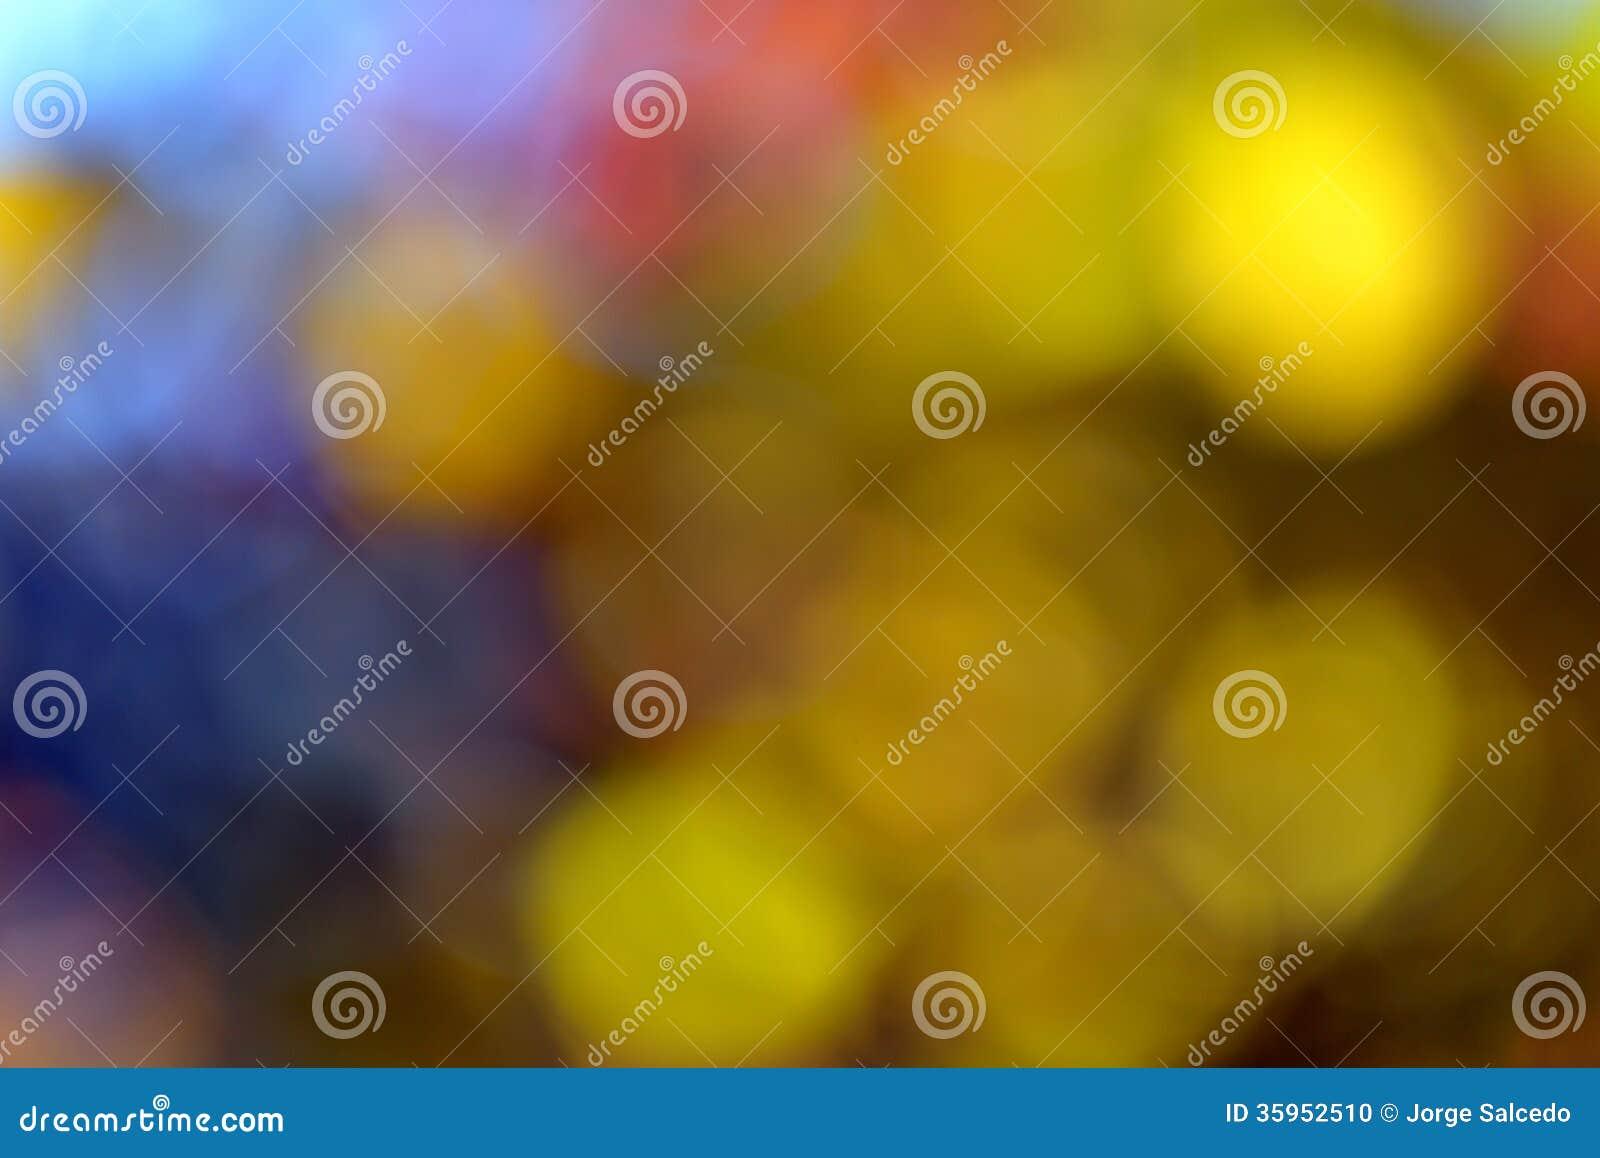 Autumn Background Blur